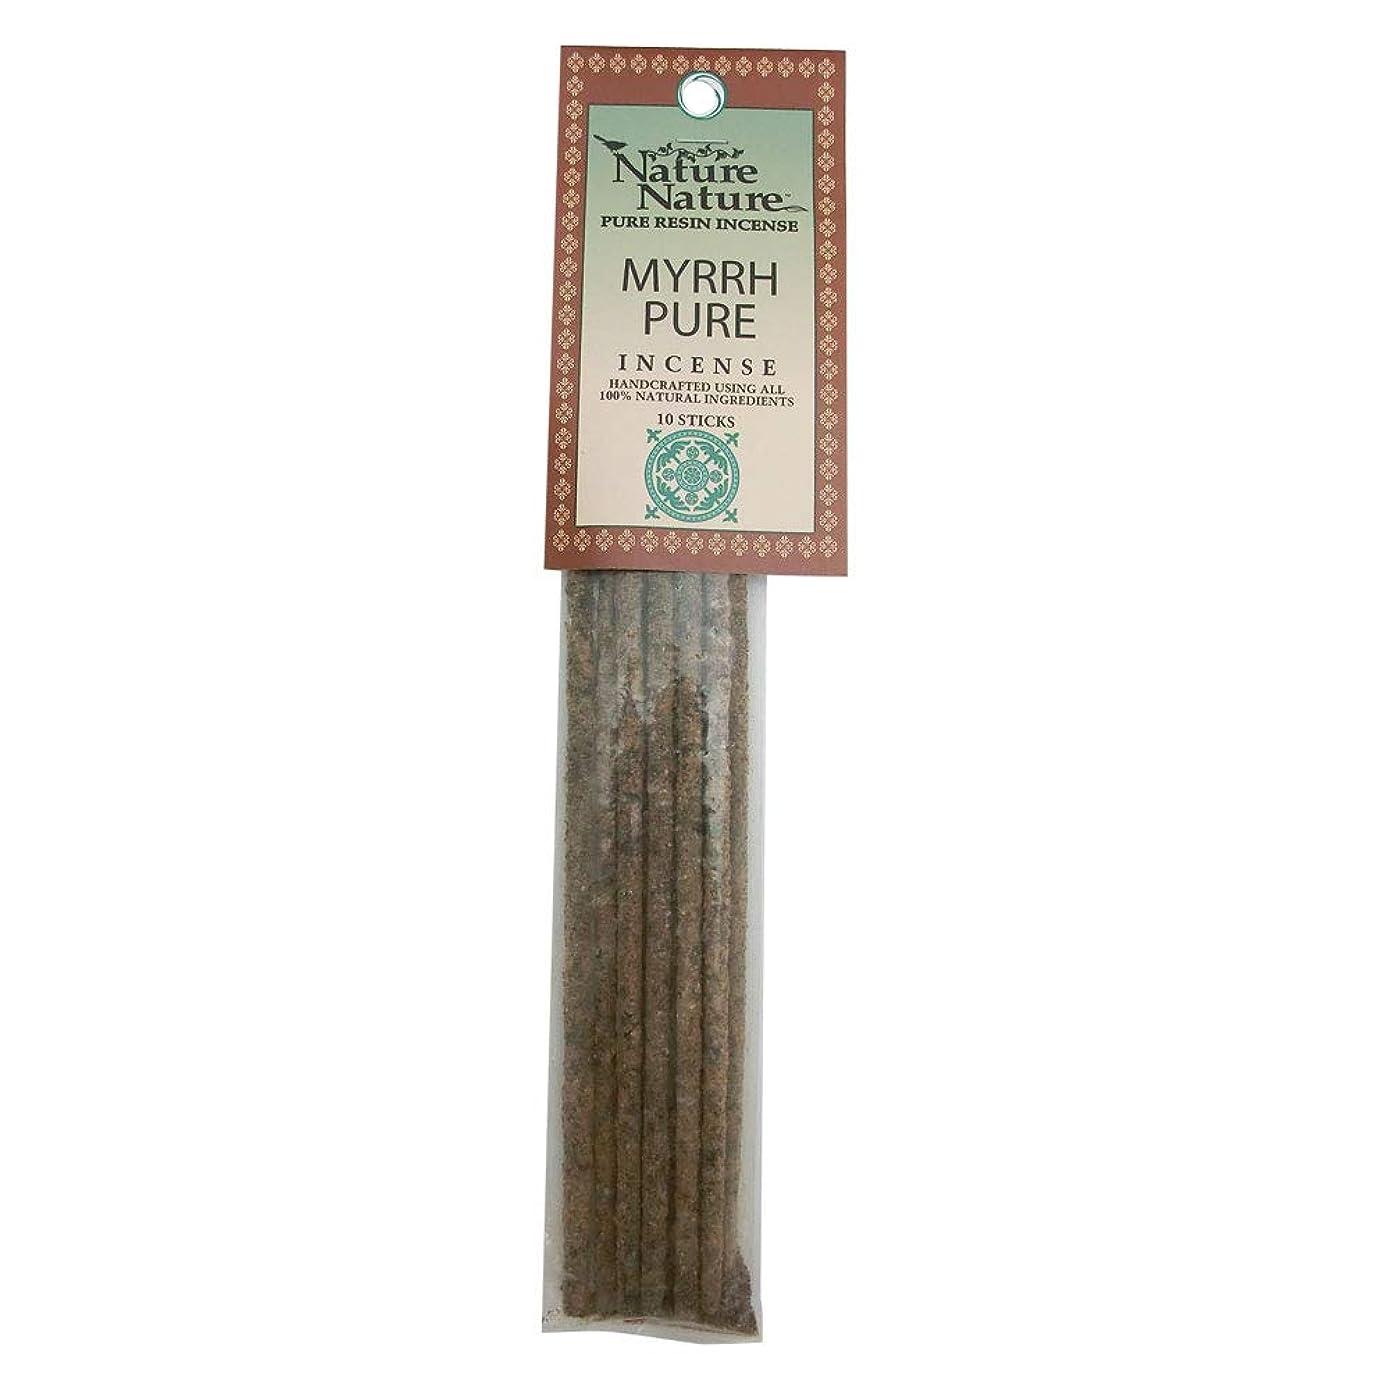 トリムリゾート未払いNature Nature Pure Resin Myrrh Pure インセンス